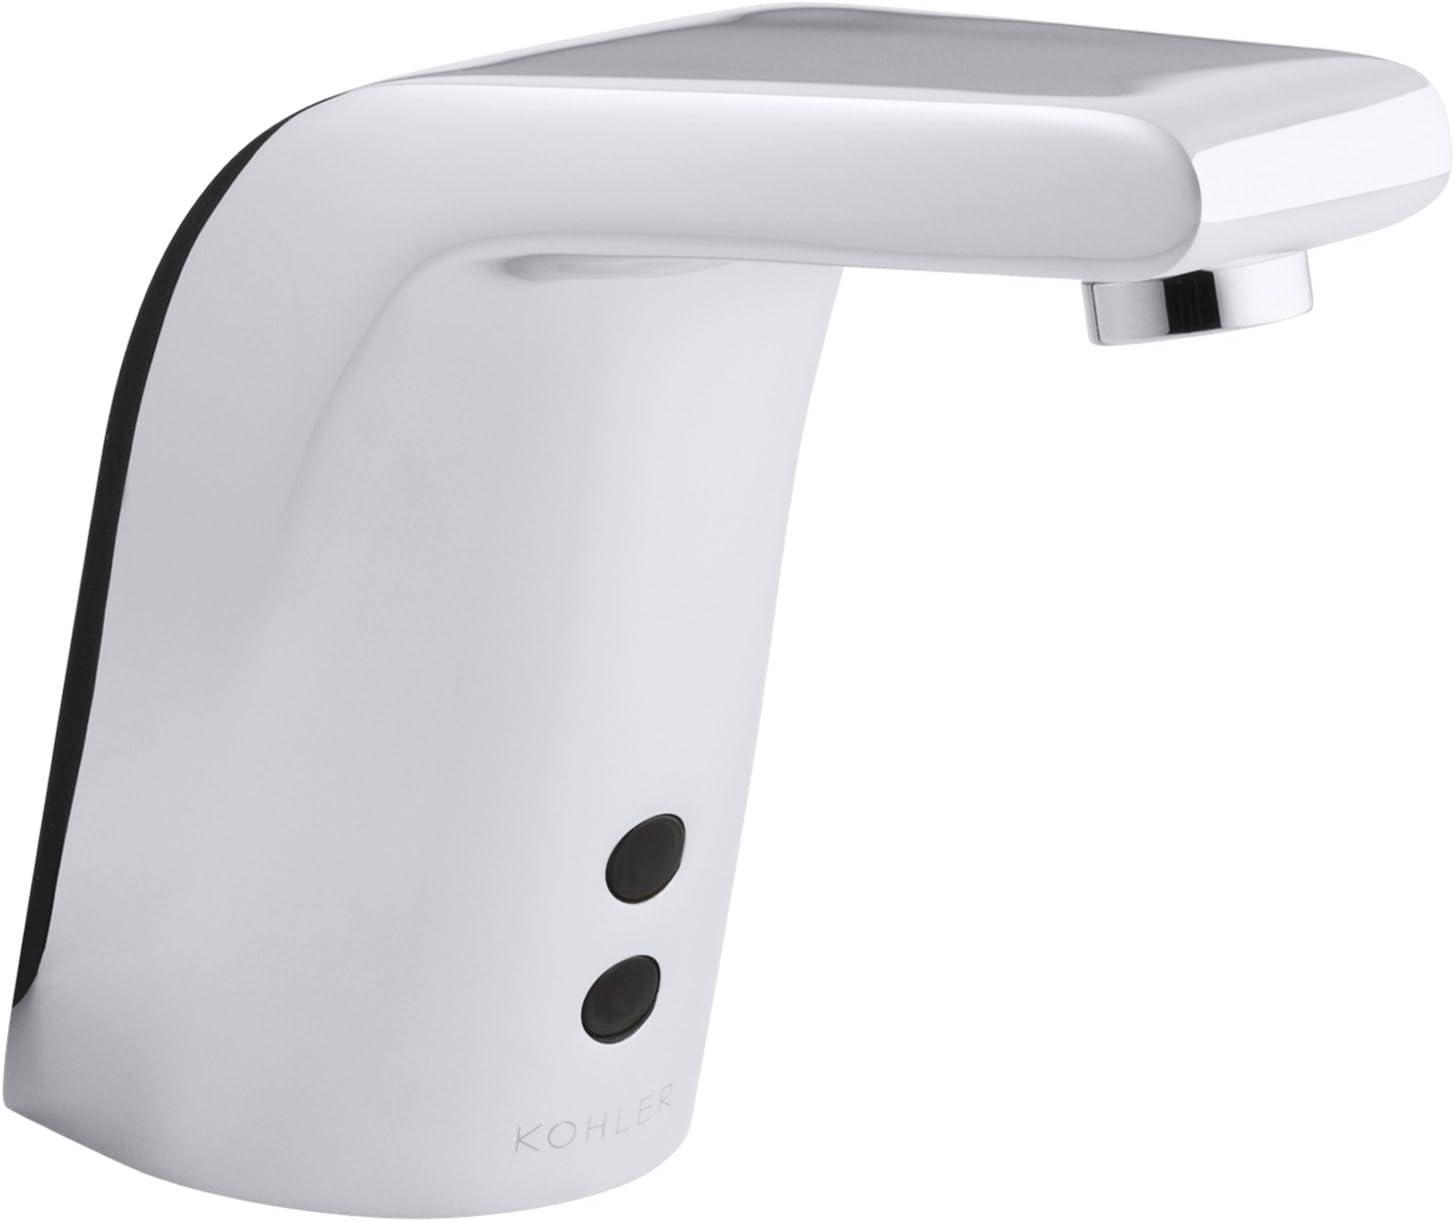 Kohler Sculpted Sink Faucet